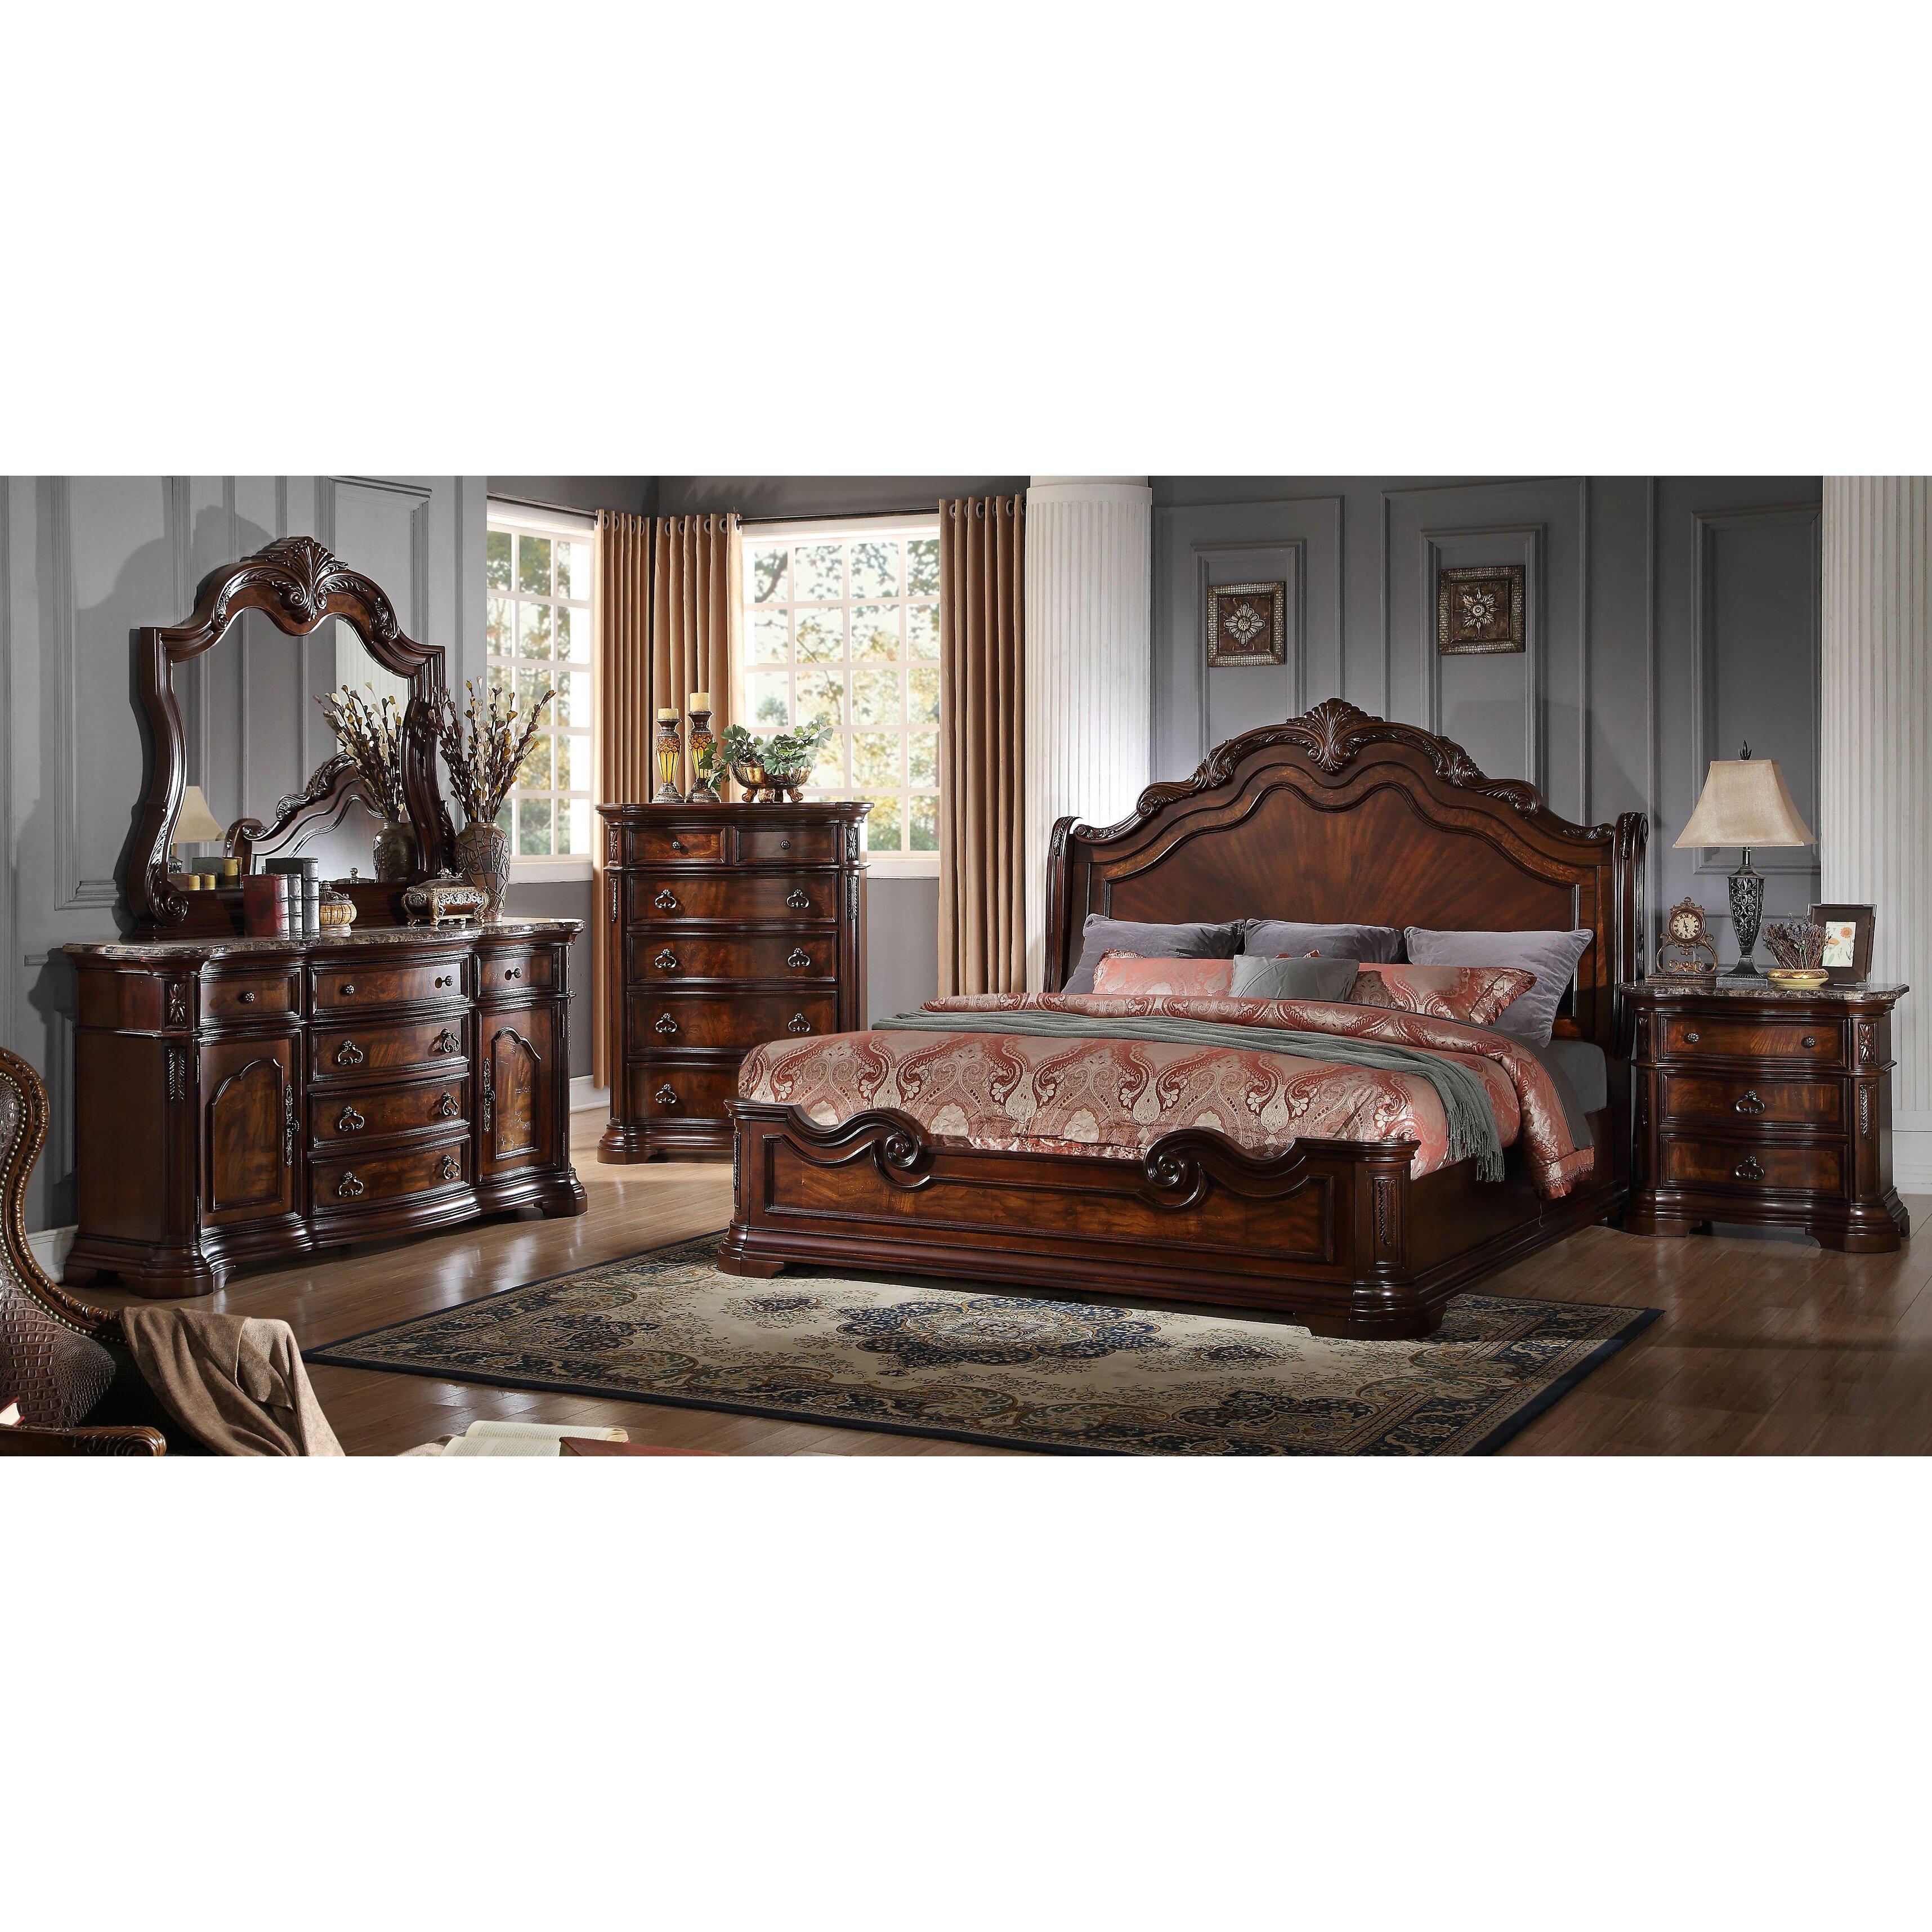 King Bed Bedroom Sets King Bedroom Sets Youll Love Wayfair